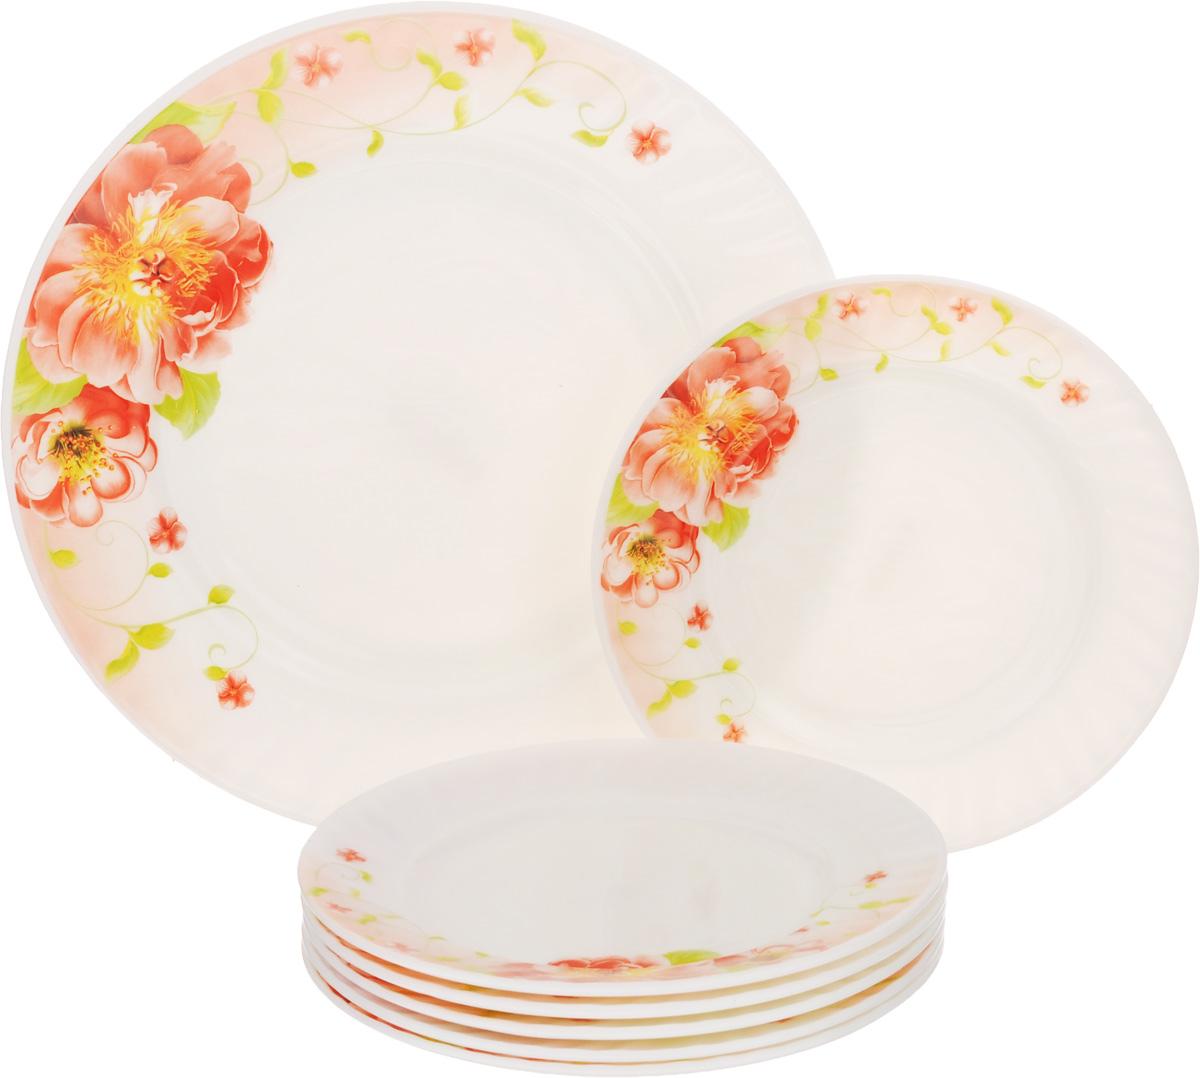 Набор тарелок Loraine, 7 шт23686Набор тарелок Loraine, выполненный из высококачественного стекла, состоит из семи тарелок: одно большое блюдо и шесть десертных тарелок. Изделия украшены изображением цветов, сочетающие в себе изысканный дизайн с максимальной функциональностью. Данный набор предназначен для красивой сервировки различных блюд. Оригинальность оформления придется по вкусу и ценителям классики, и тем, кто предпочитает утонченность и изящность. Можно использовать в холодильной камере и в микроволновой печи. Можно мыть в посудомоечной машине. Диаметр большого блюда: 25 см. Высота большого блюда: 2 см. Диаметр десертных тарелок: 18 см. Высота десертных тарелок: 1,5 см.